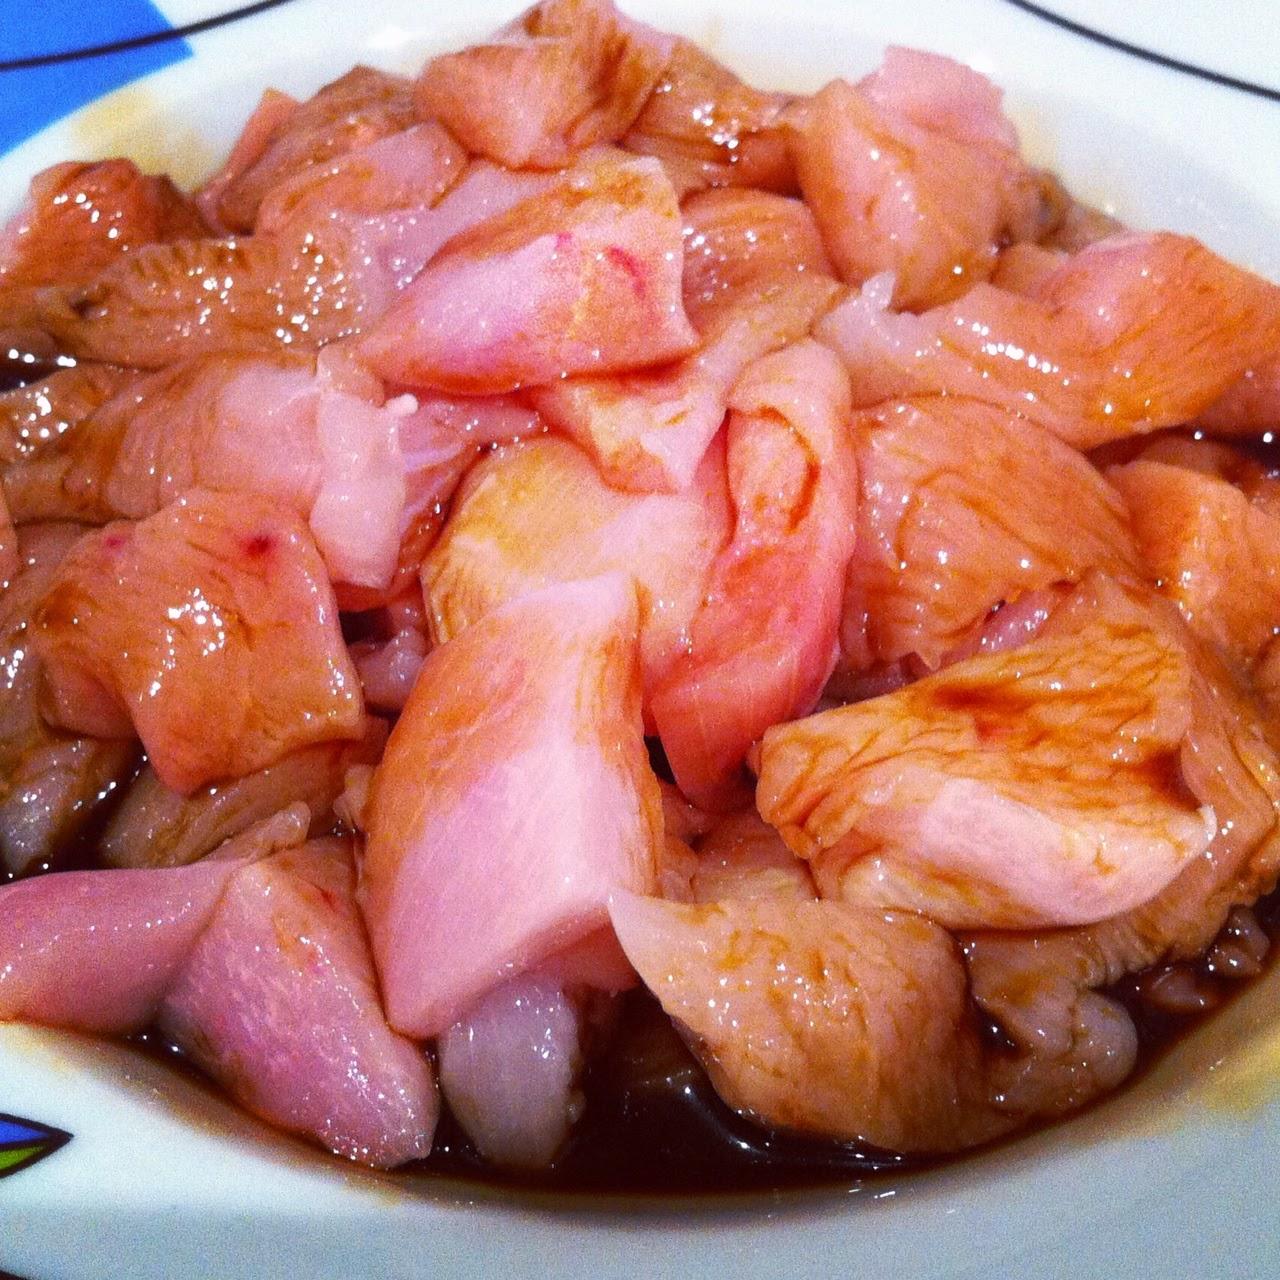 Pollo macerado en salsa de soja con verduras, añadiendo la soja.